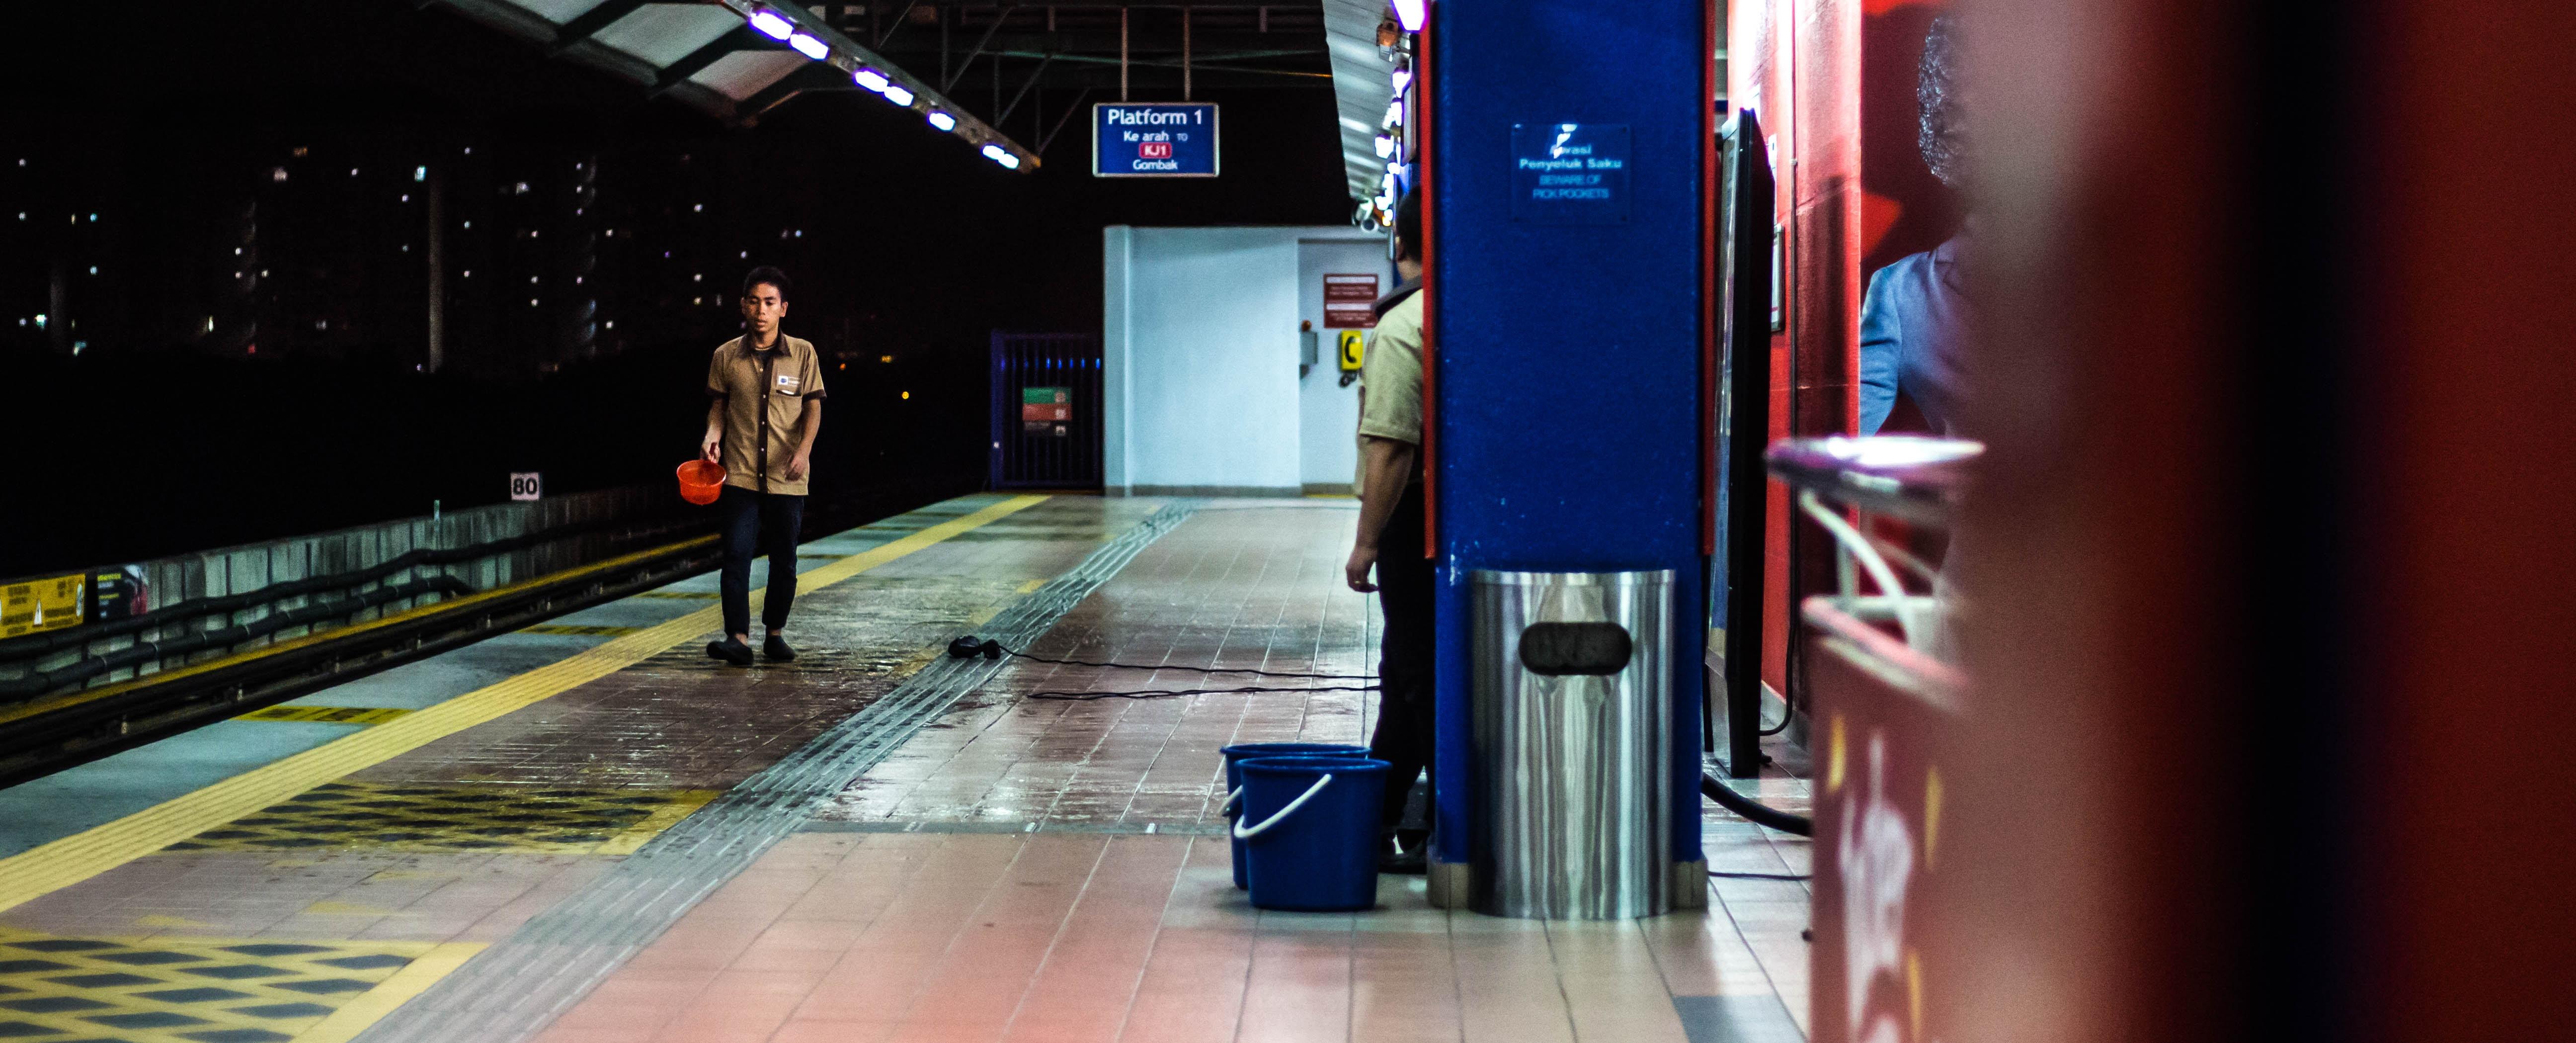 man walking in train station